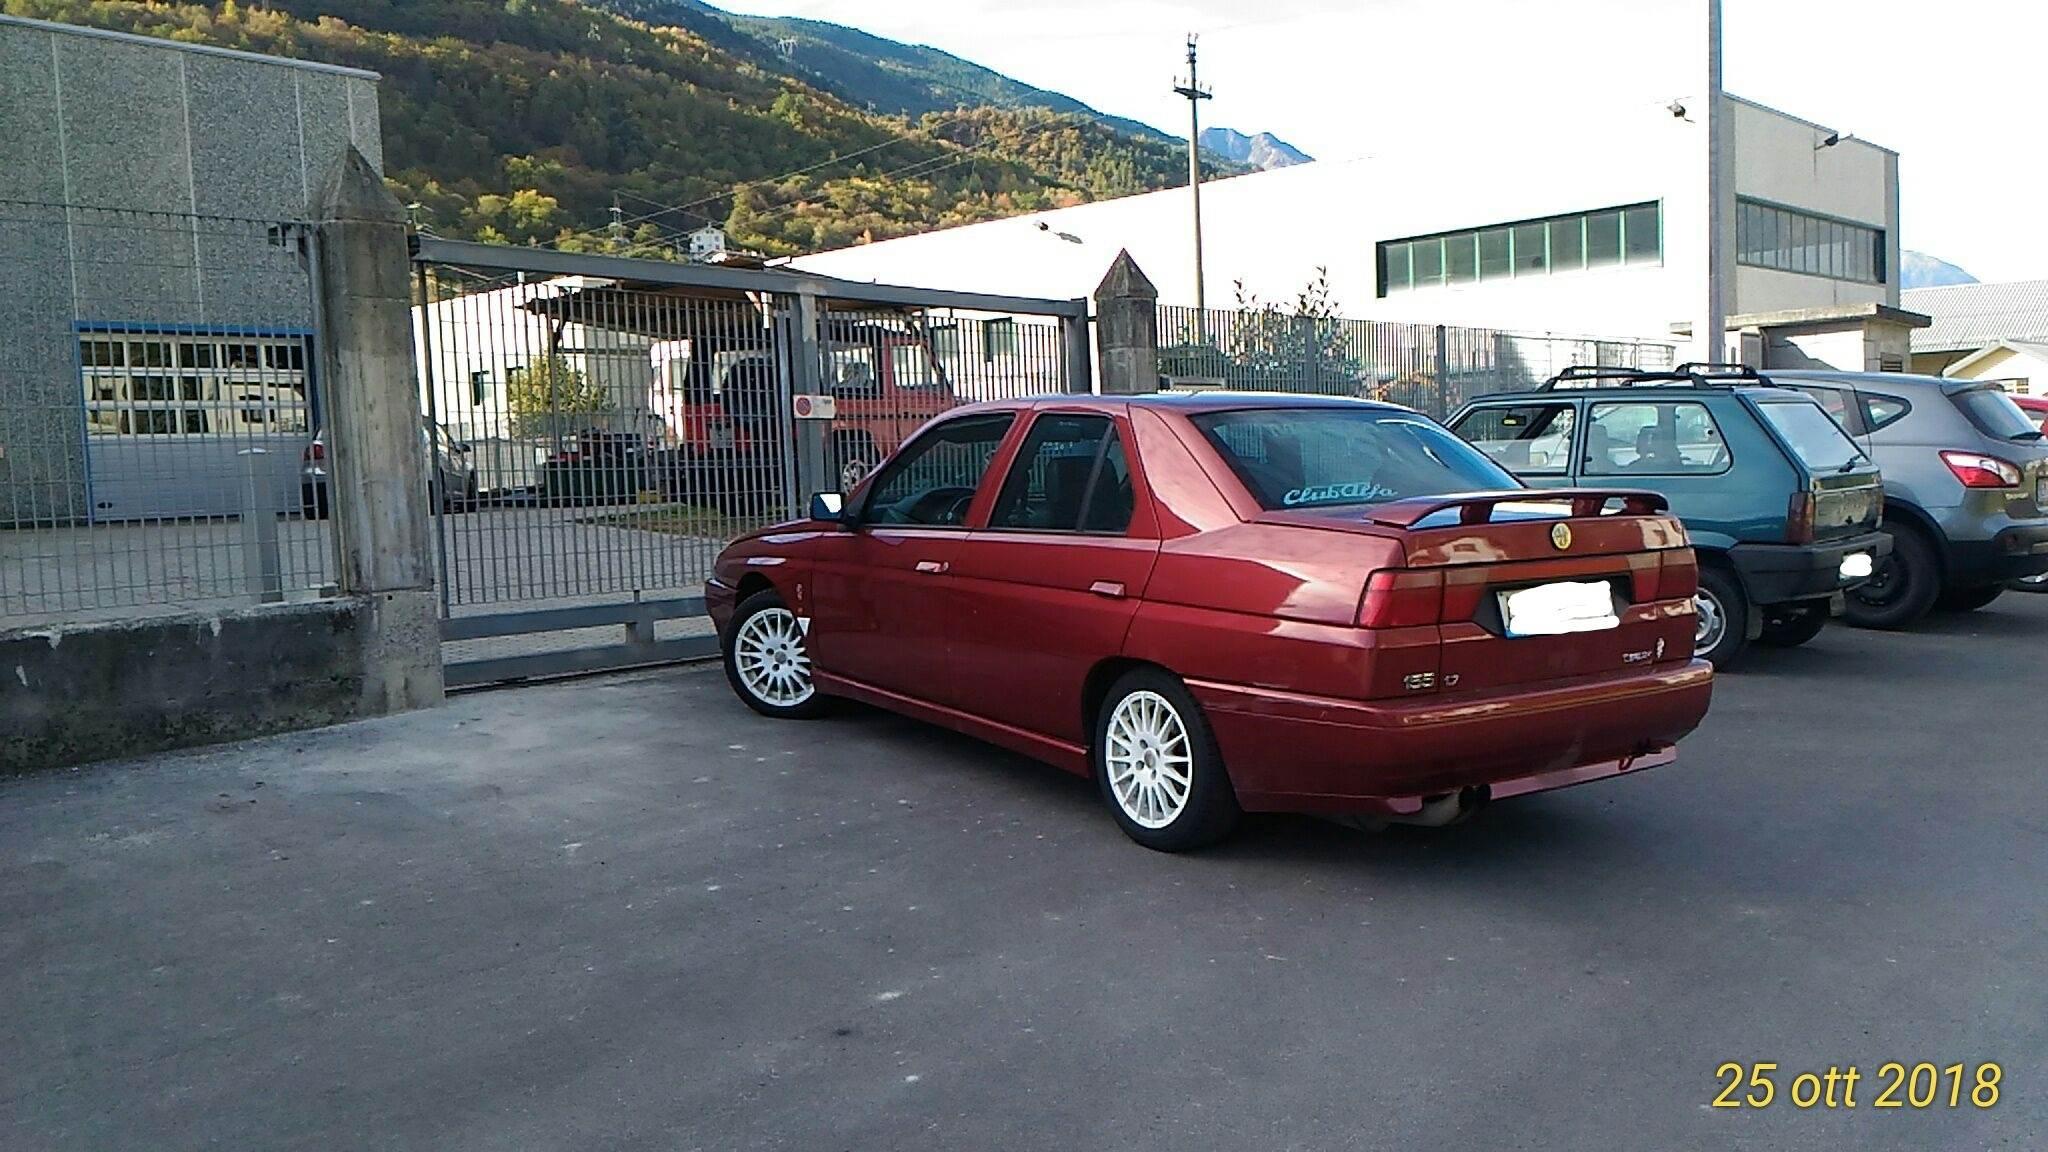 foto Alfa Romeo 155 T.S.  1995 rosso proteo  Livigno (Sondrio) - 2